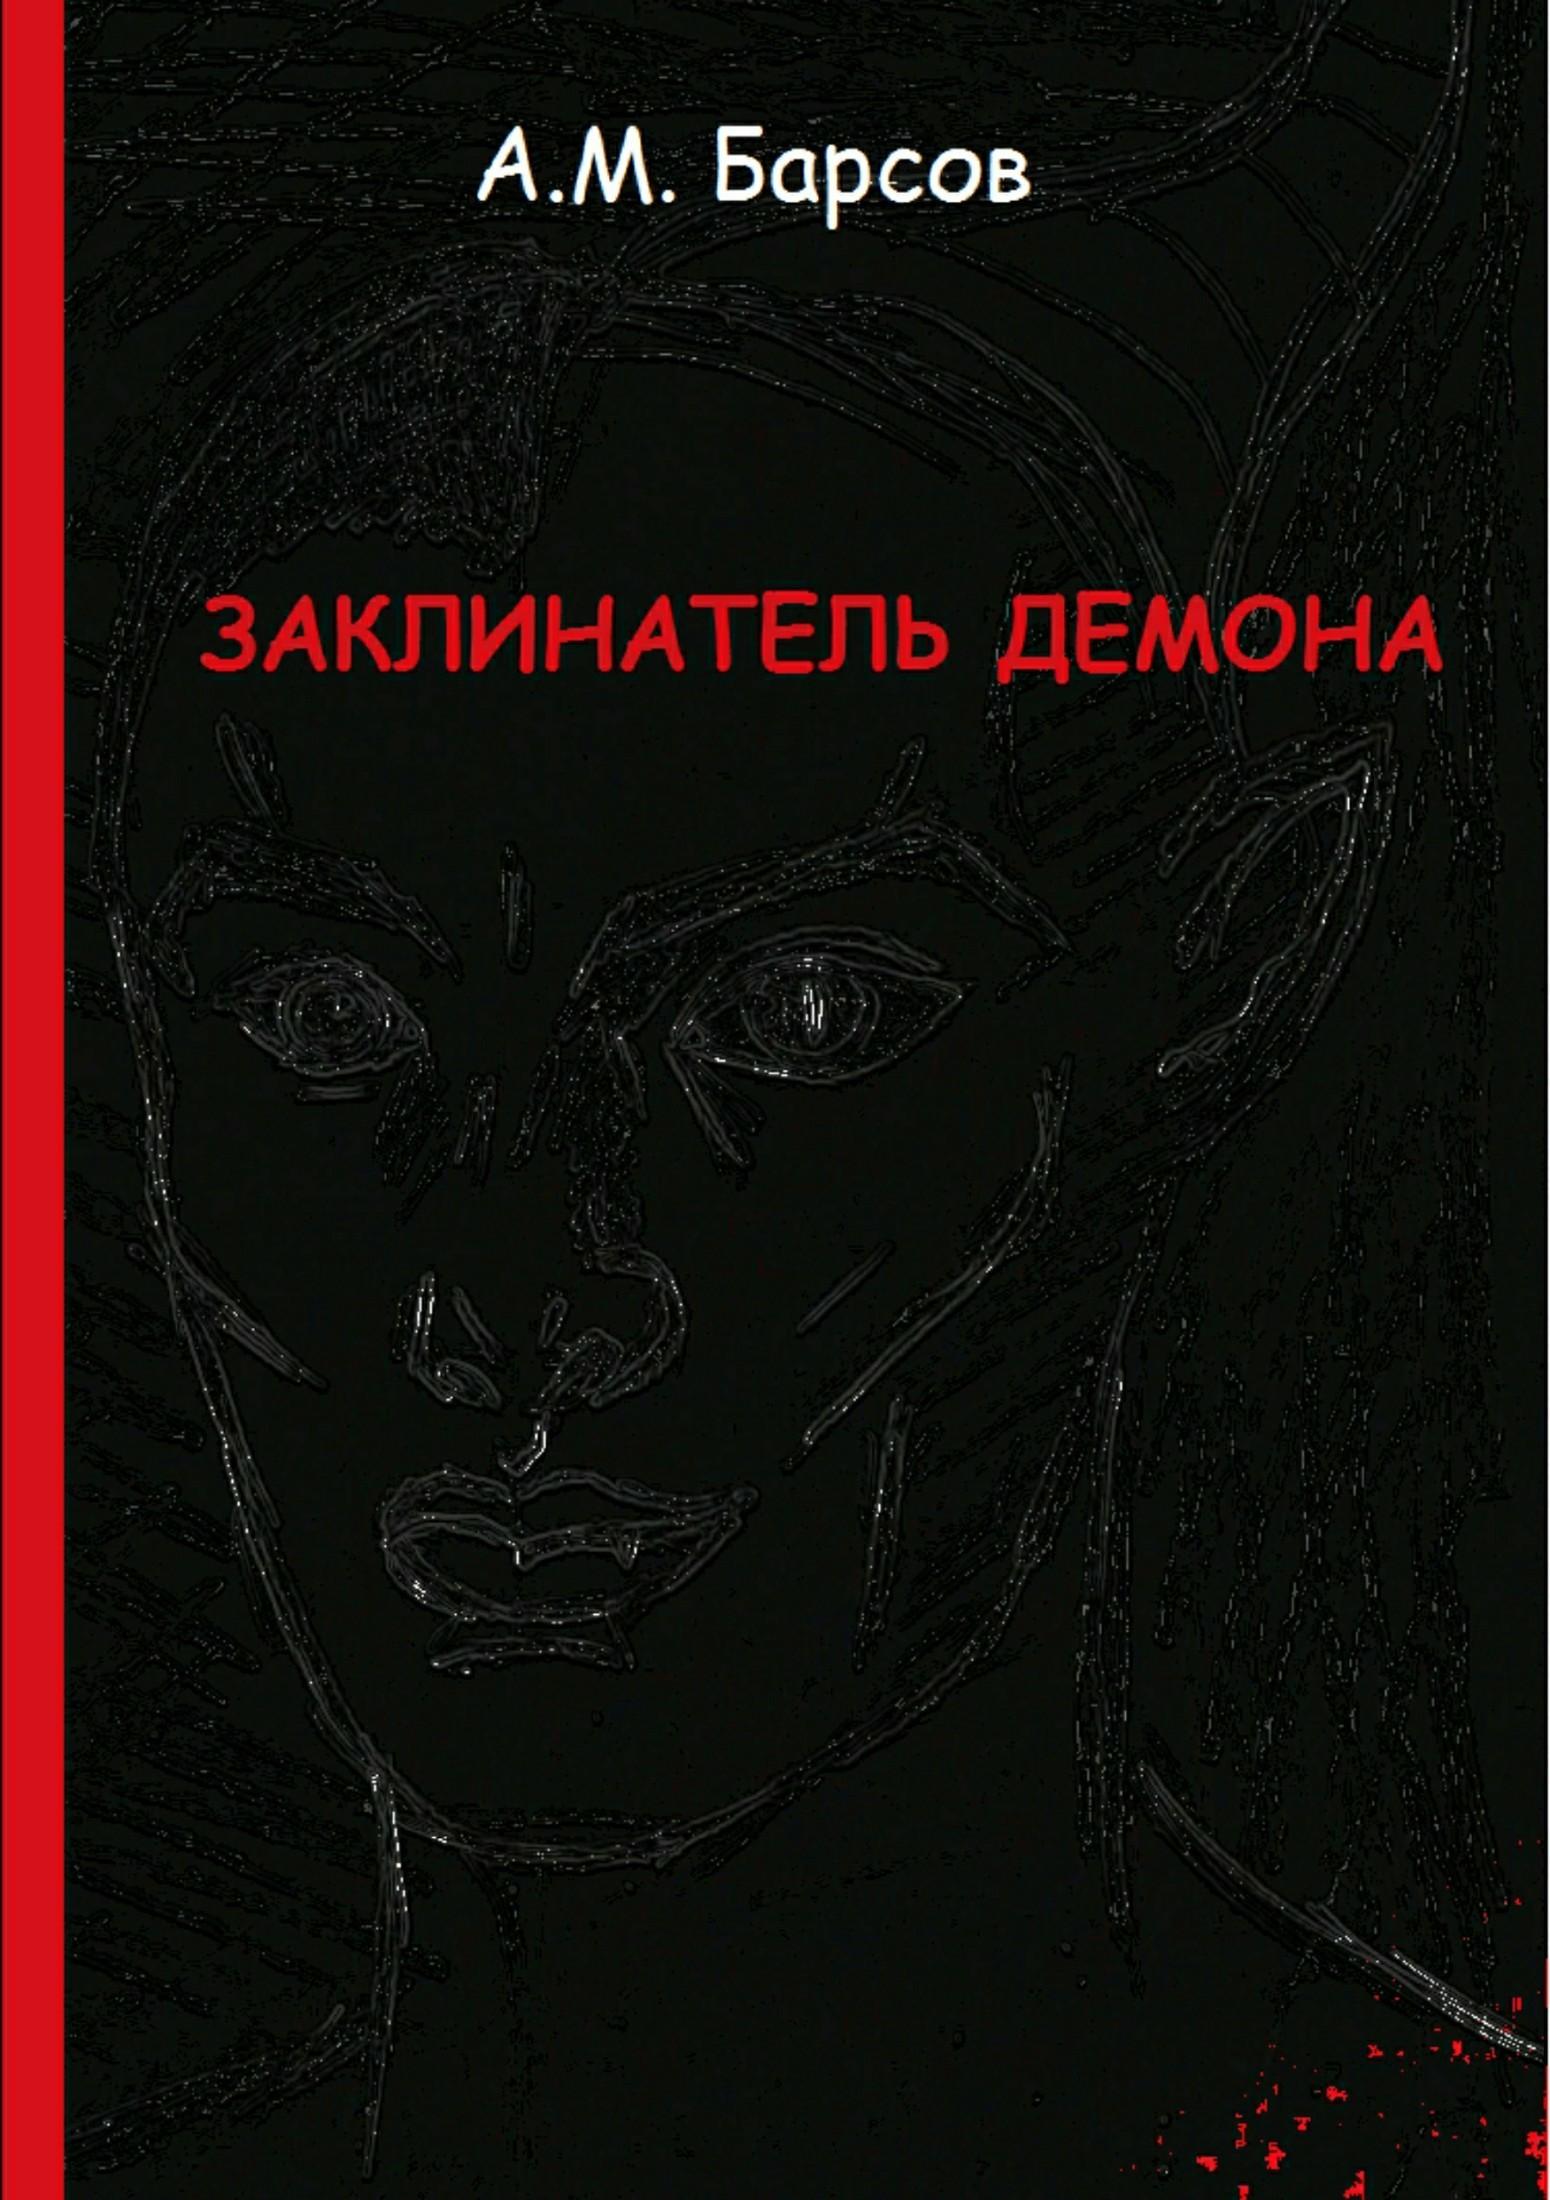 Александр Михайлович Барсов Заклинатель Демона билет в третьяковскую галерею